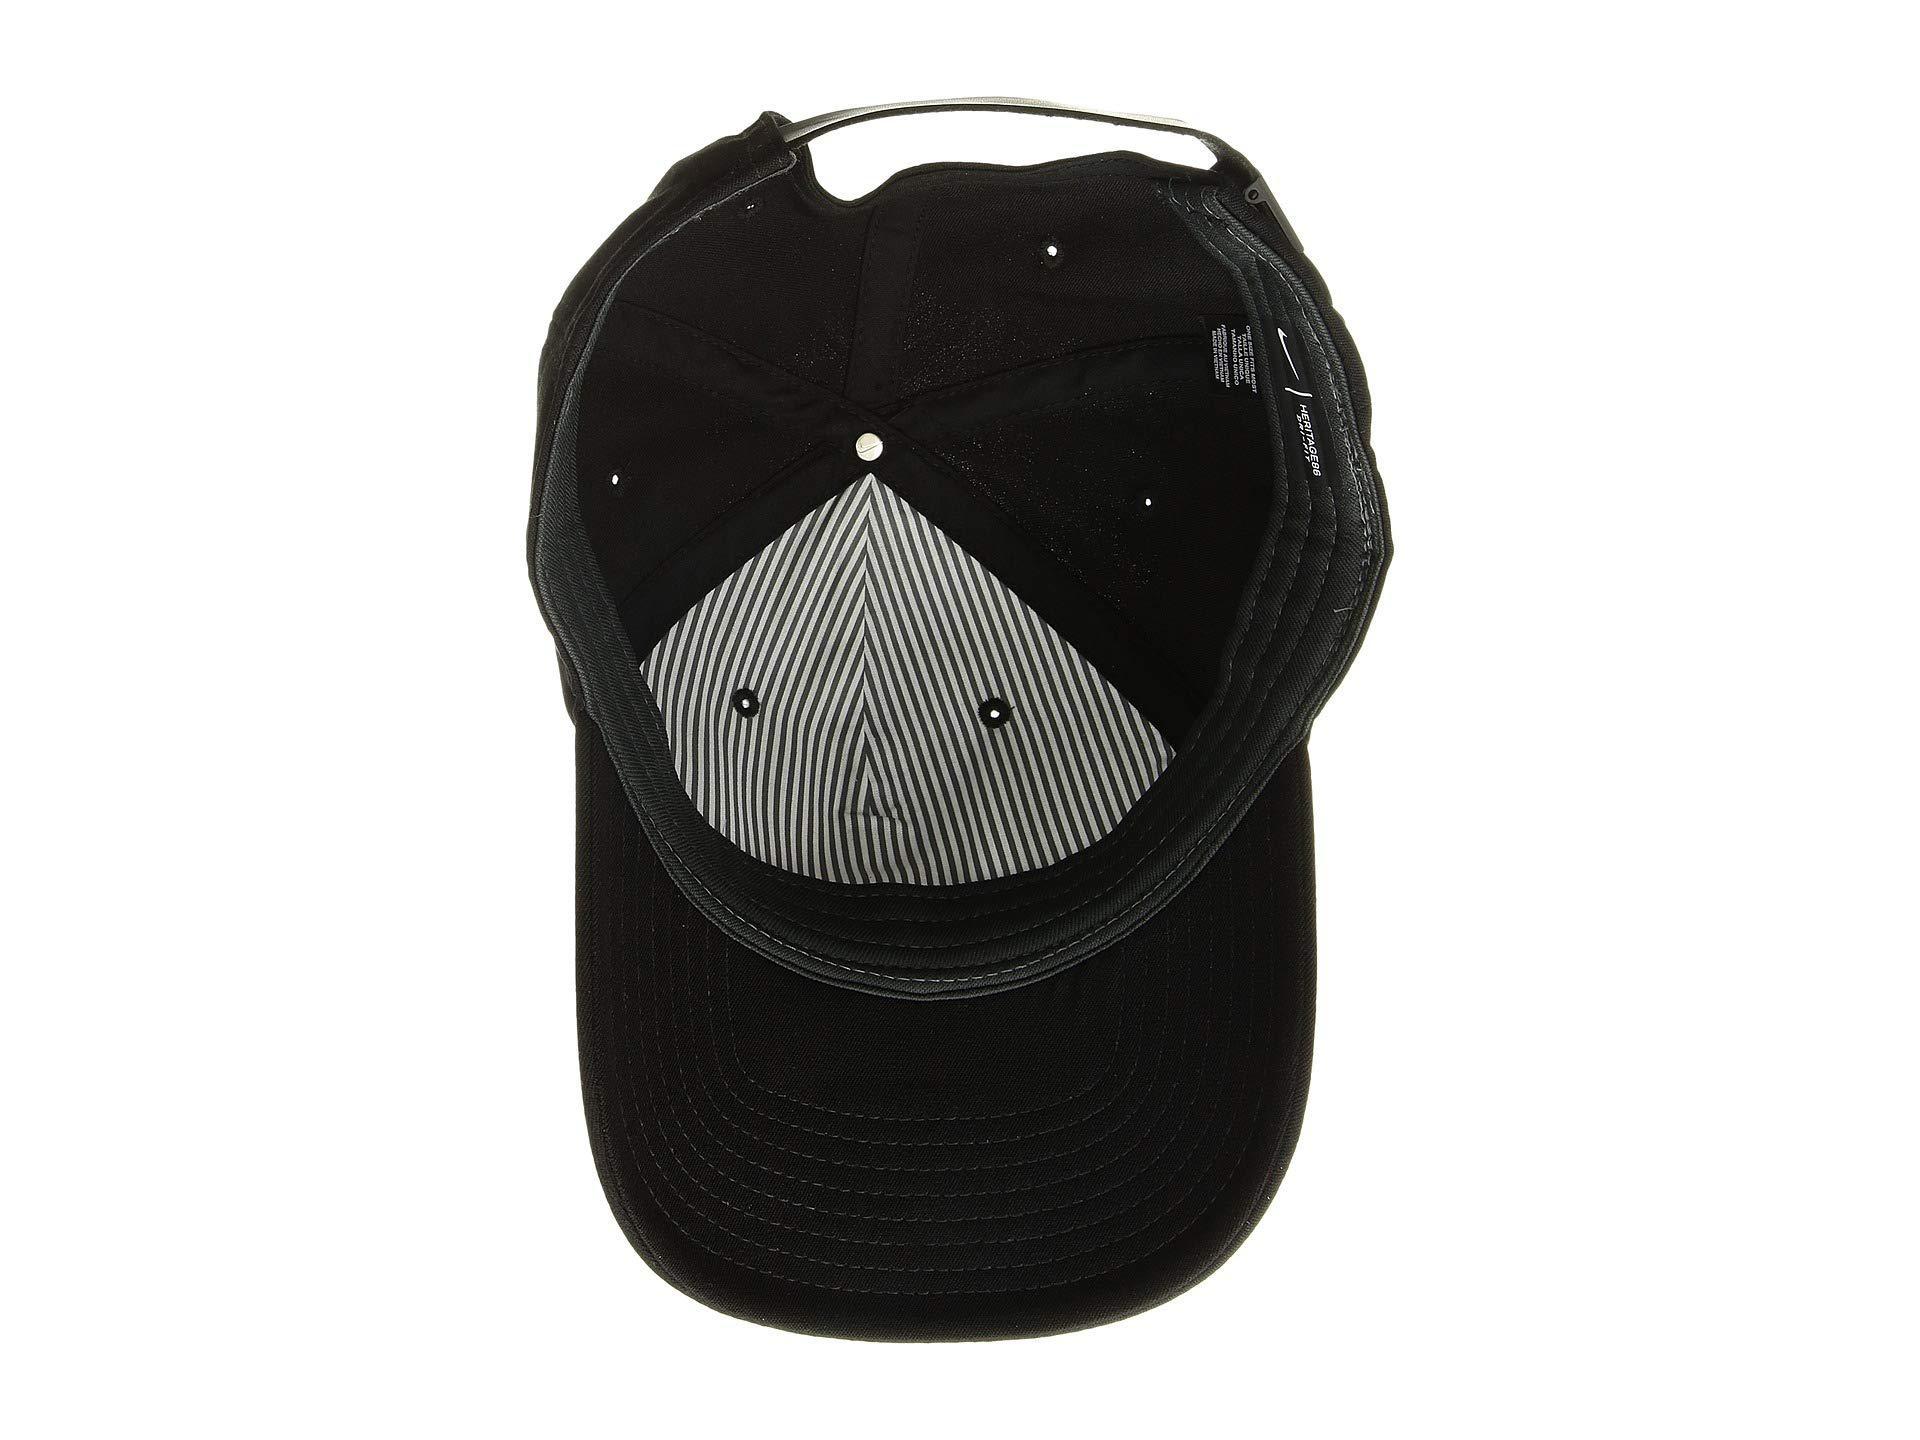 5c54dba5027 Nike - H86 Novelty (charcoal Heather charcoal Heather black) Baseball Caps  for. View fullscreen